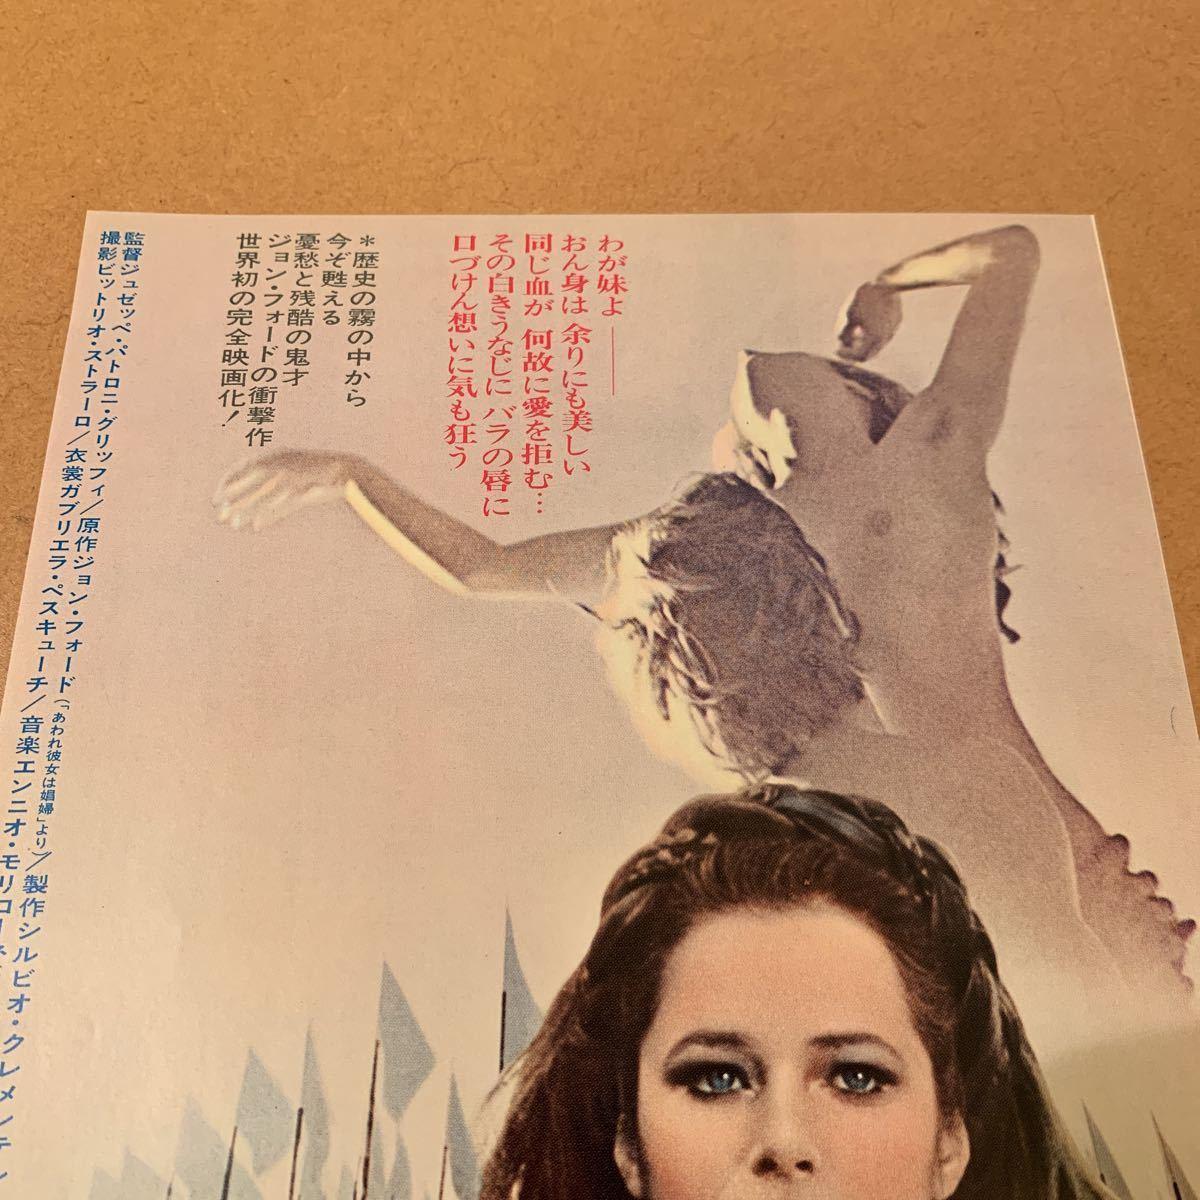 【映画チラシ】『さらば美しき人』1972年公開作品 主演:シャーロット・ランプリング_画像3